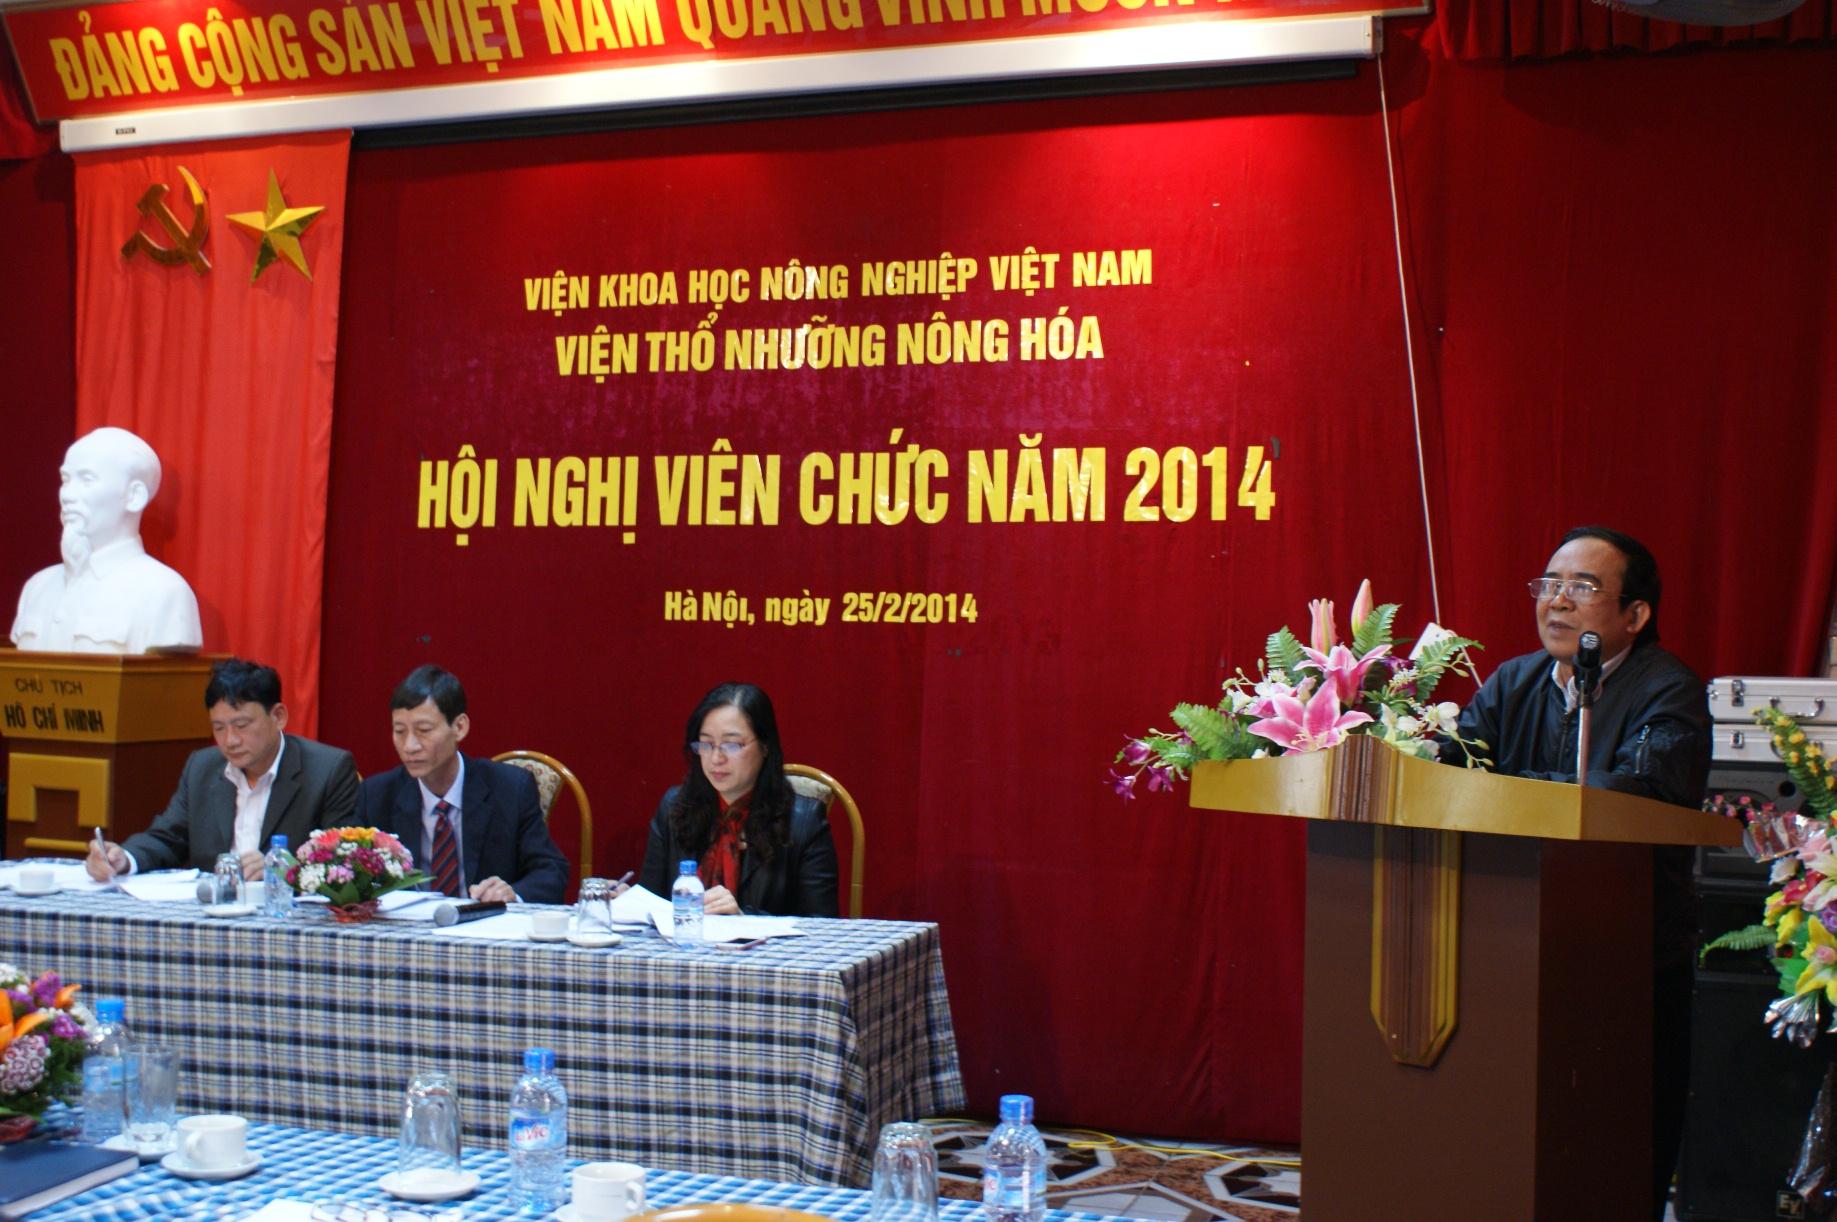 Hội nghị công nhân viên chức Viện TNNH năm 2014